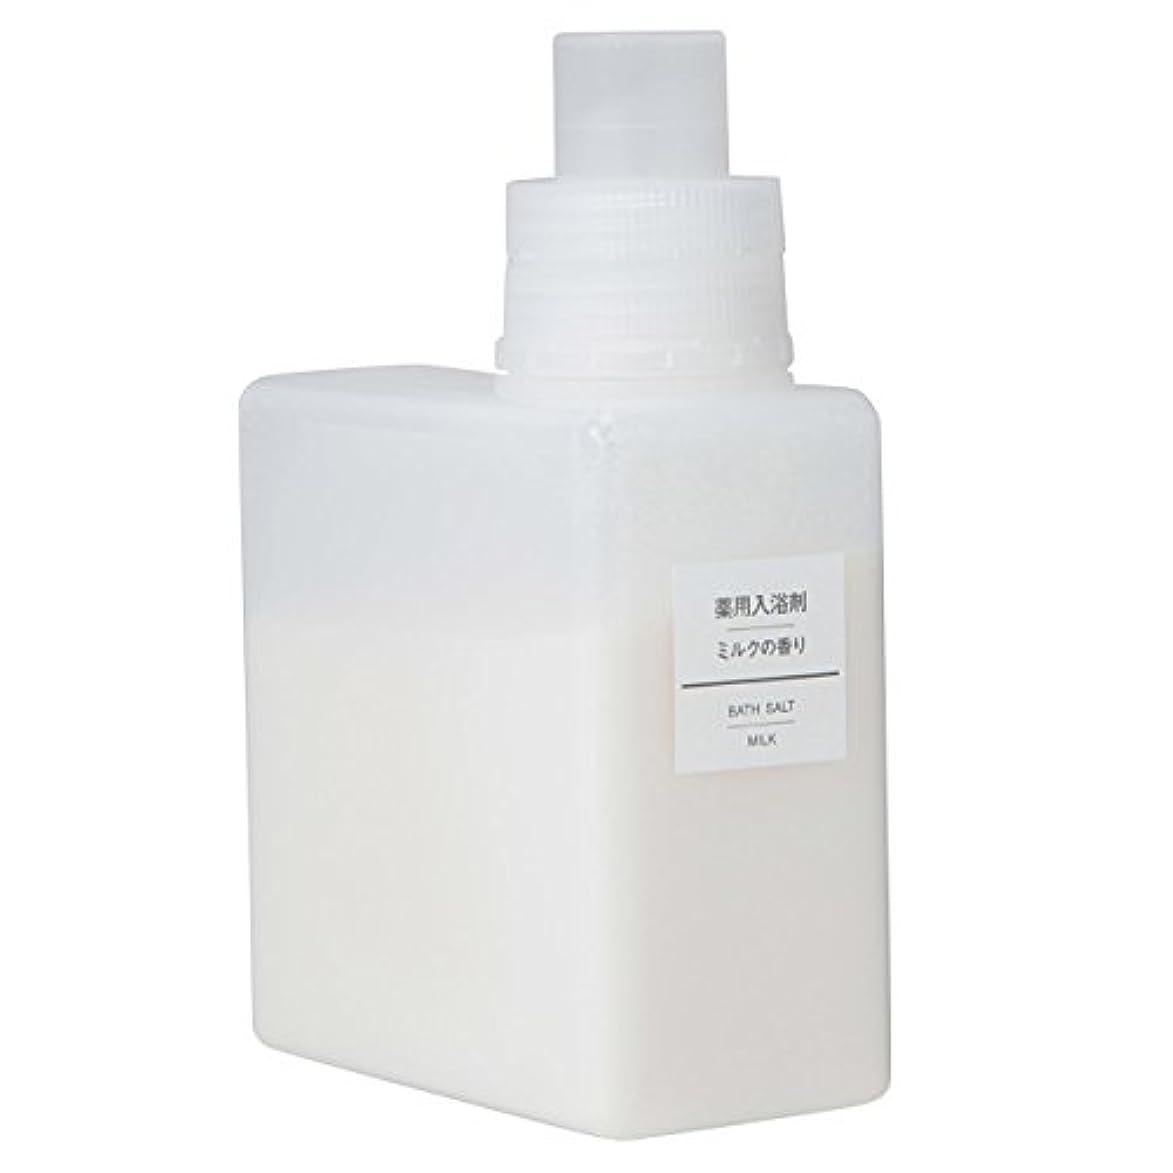 概してケニア忘れる無印良品 薬用入浴剤?ミルクの香り (新)500g 日本製